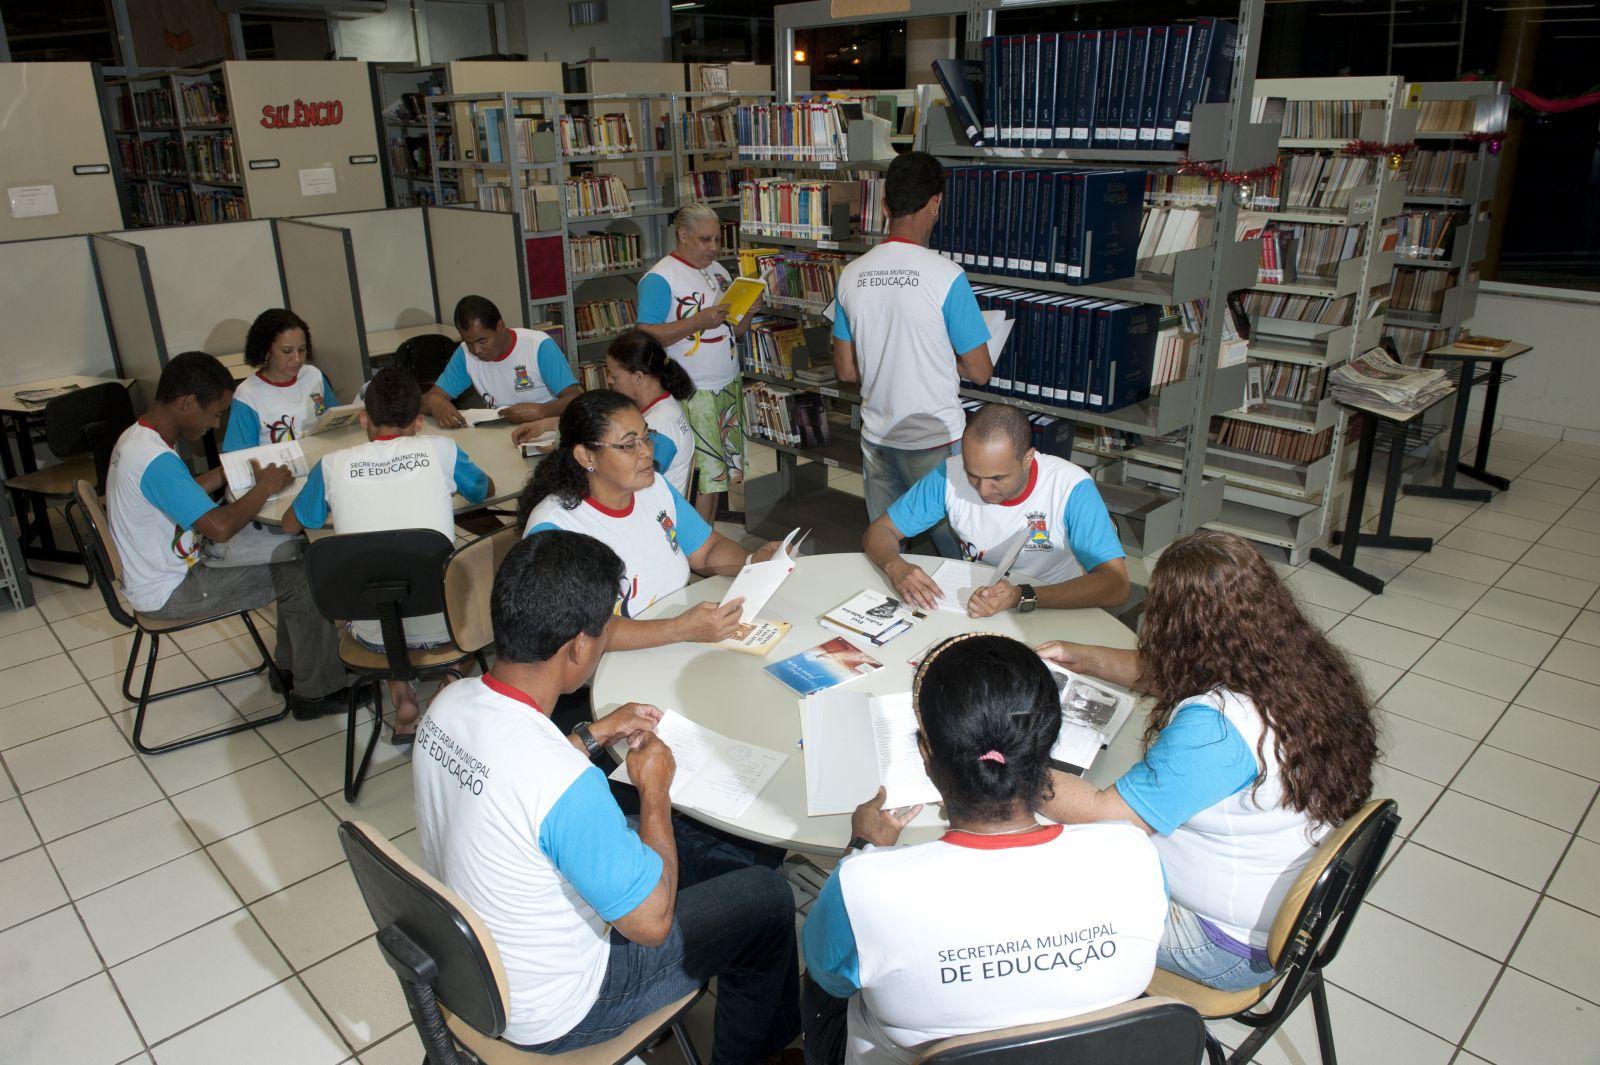 Alunos estudam na biblioteca de escola da rede municipal